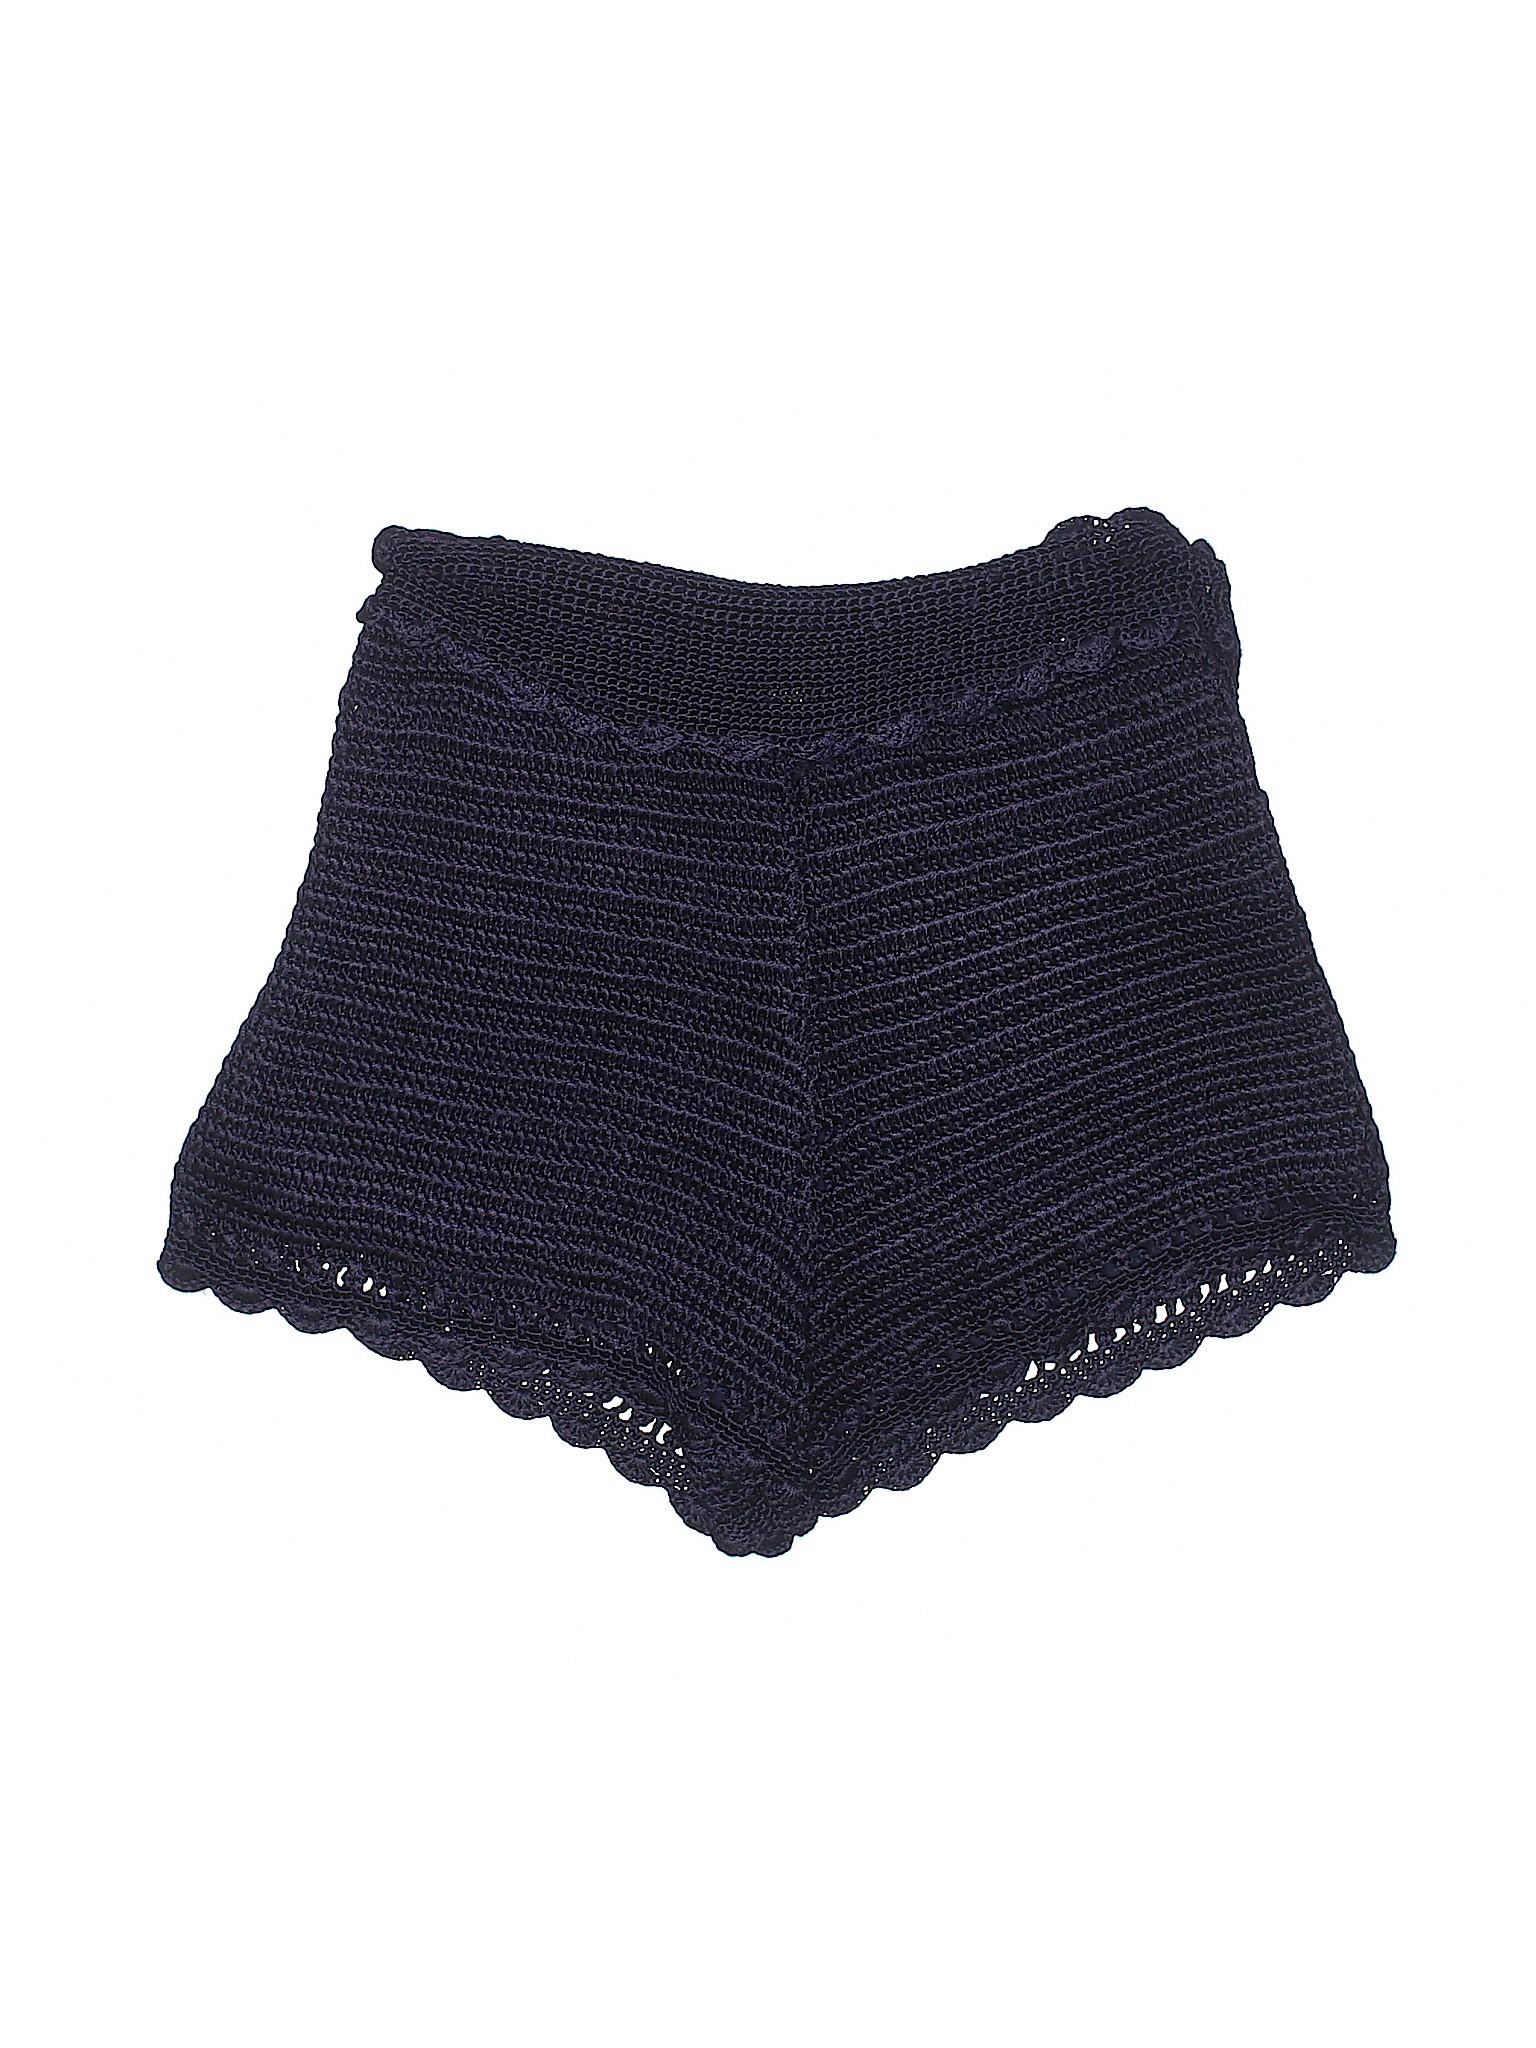 Boutique Boutique Shorts H H amp;M amp;M UpFS7xn